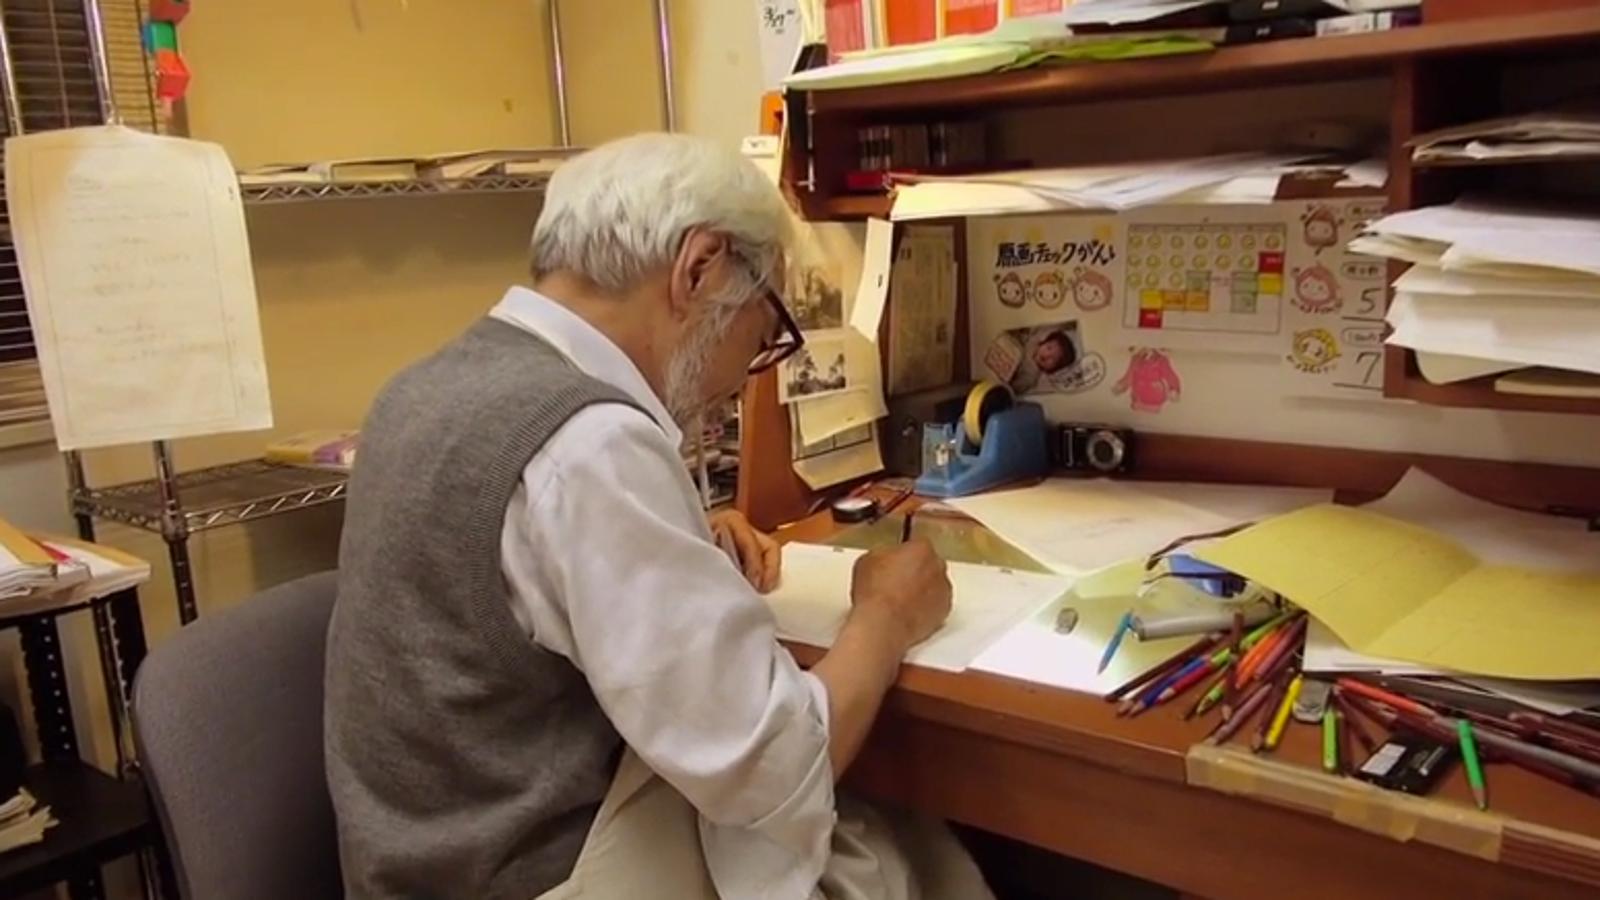 Ver a Hayao Miyazaki animar su última toma es pura nostalgia